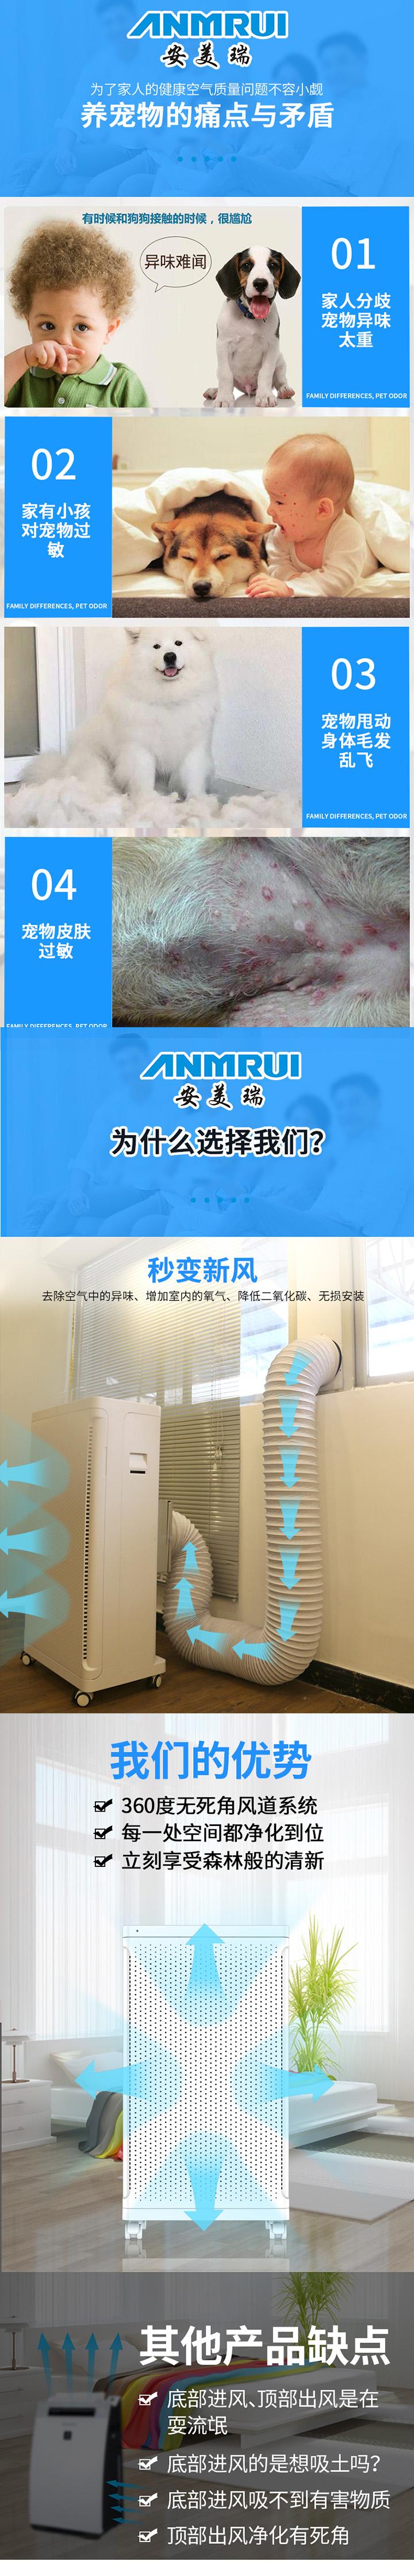 安美瑞X8宠物空气净化器免费试用,评测